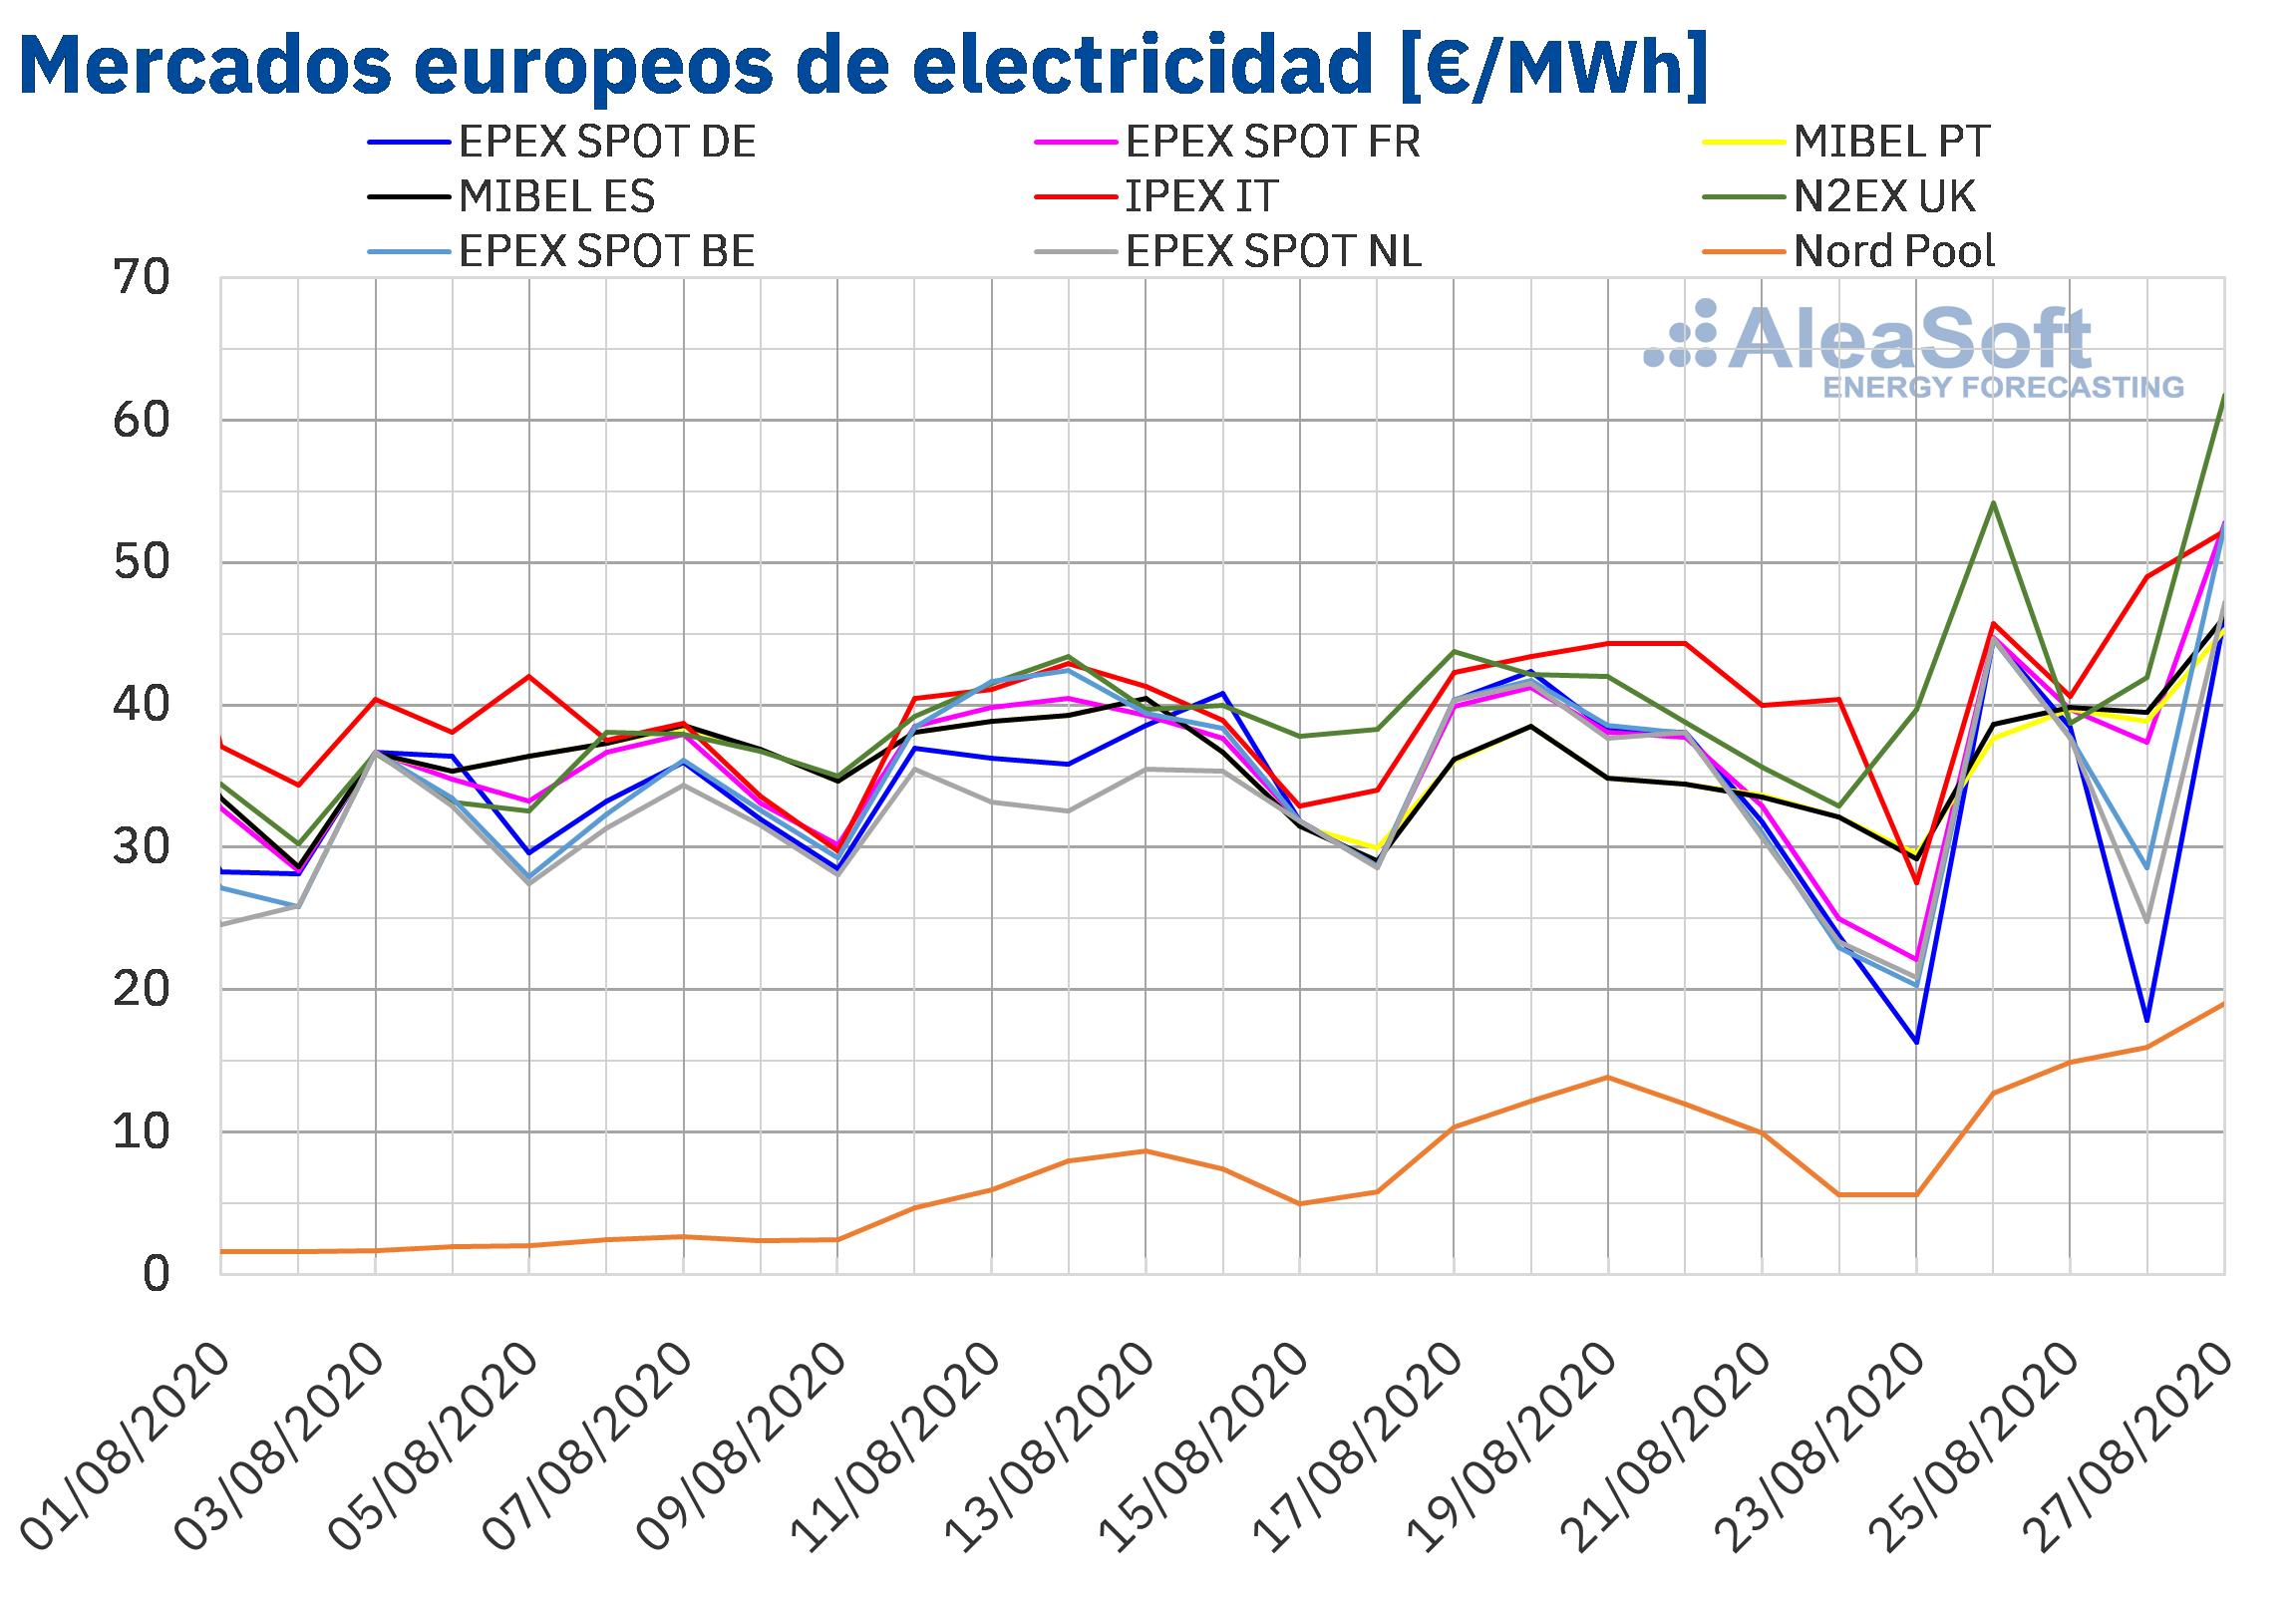 AleaSoft: Suben los precios en los mercados europeos y de futuros de electricidad, combustibles y CO2